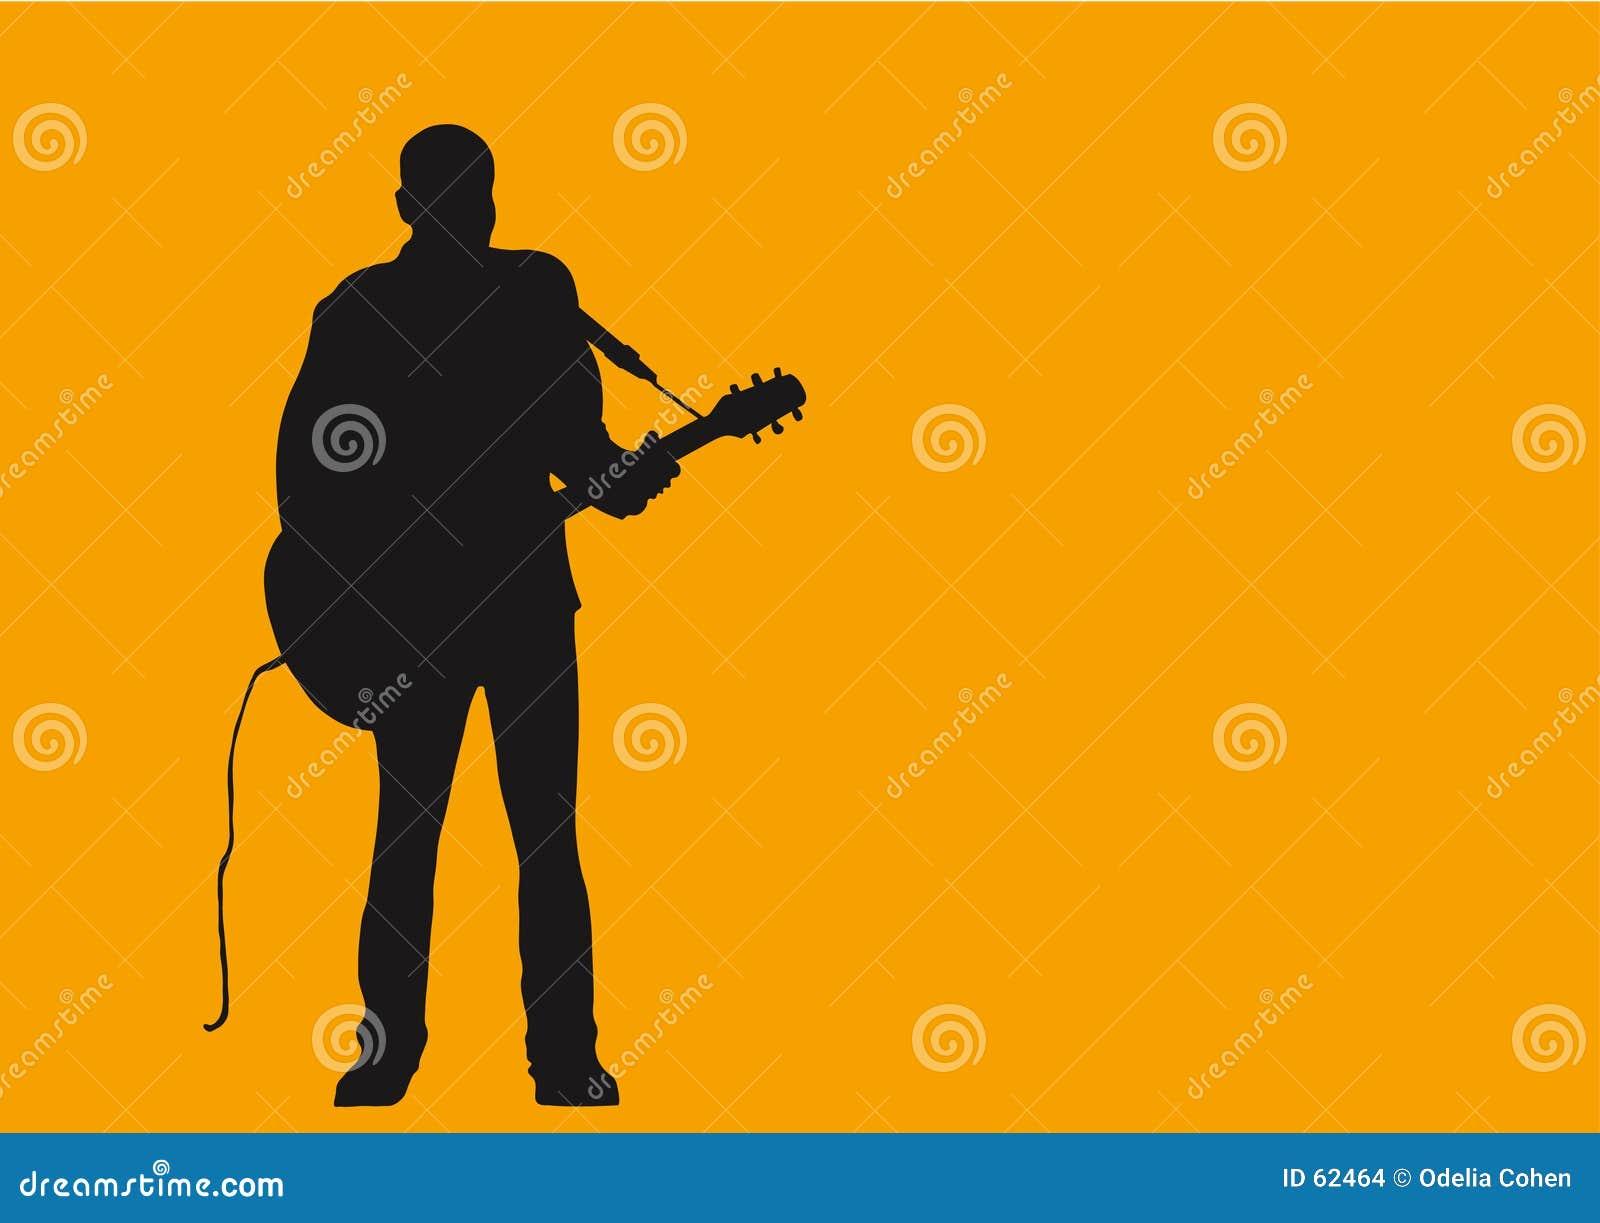 Download Un homme et sa guitare. illustration stock. Illustration du exposition - 62464